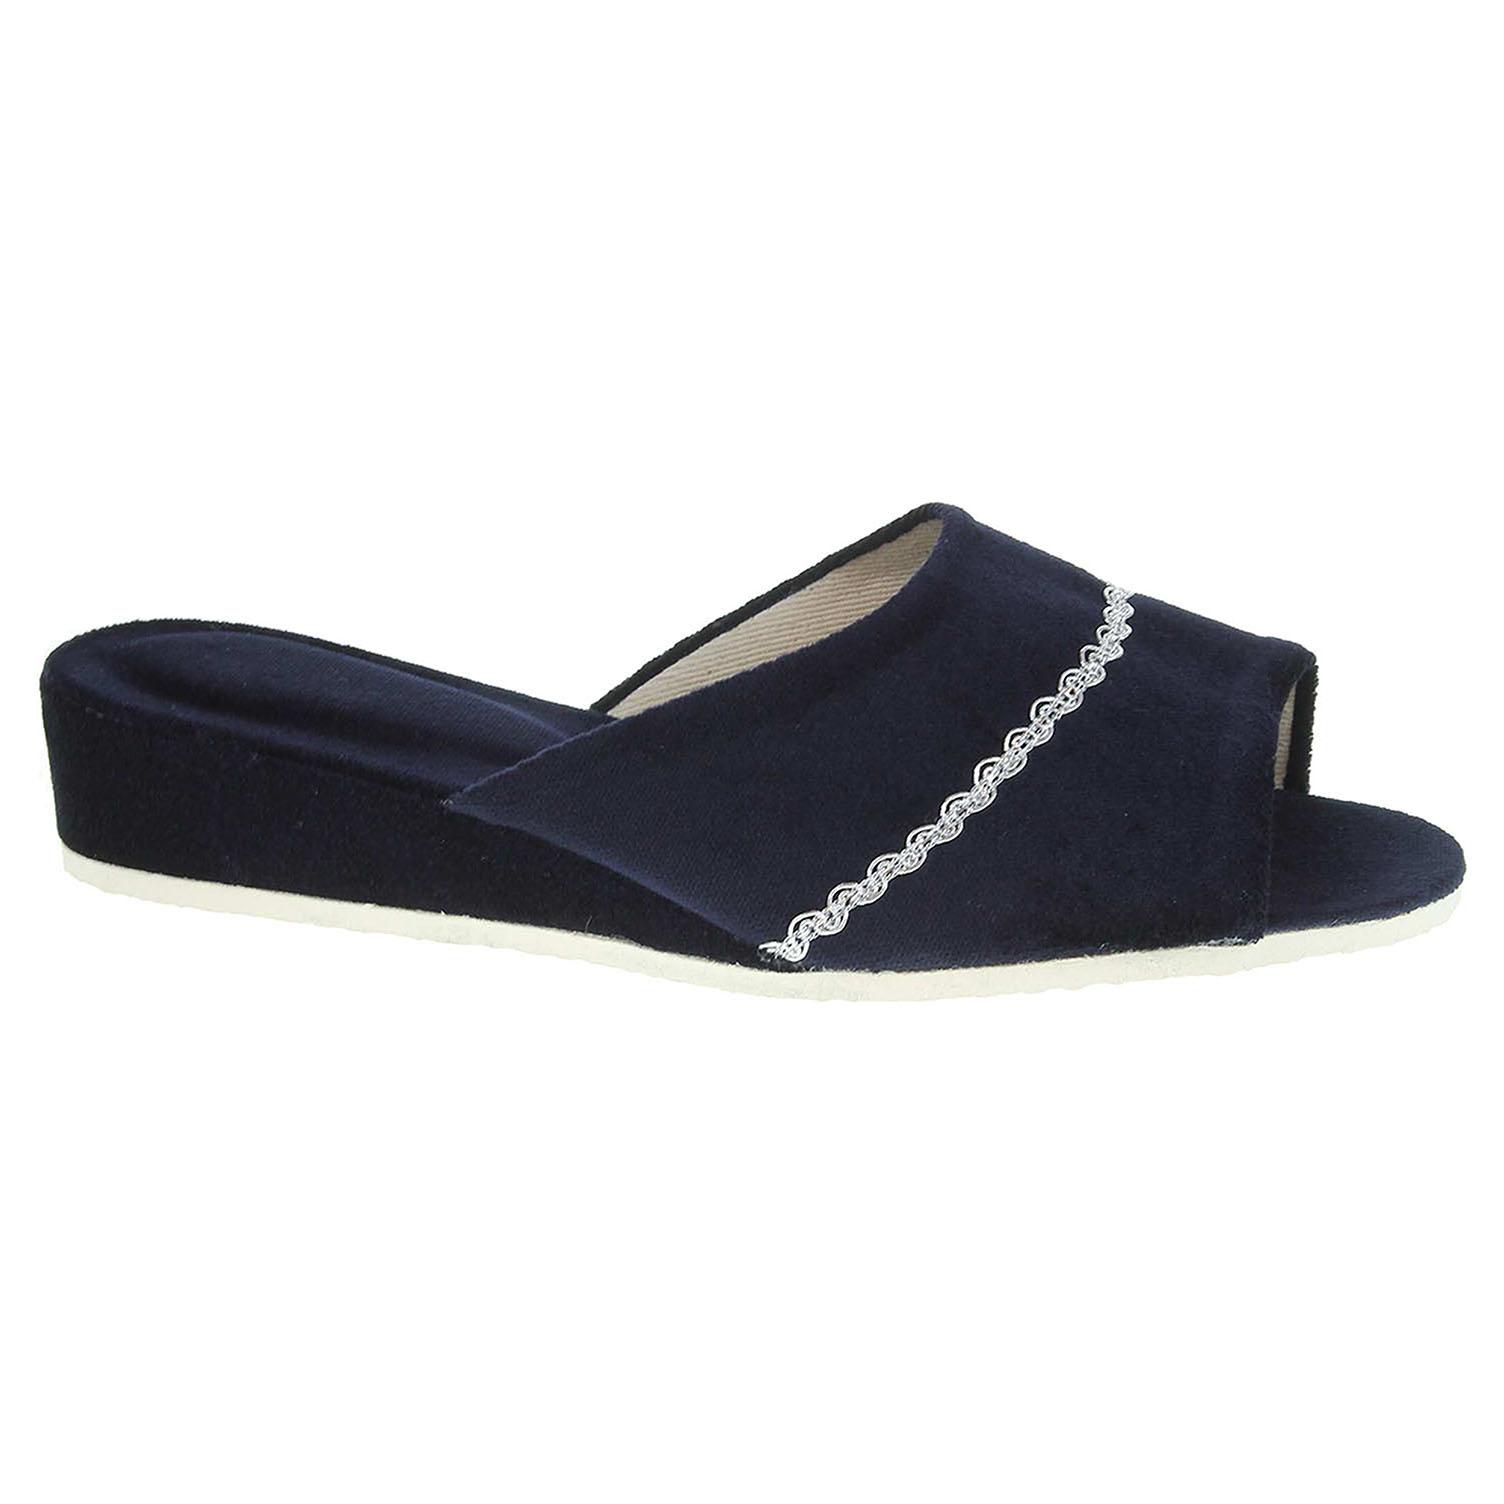 Dámské domácí pantofle 1029.00 modré 1029.00 modrá 39